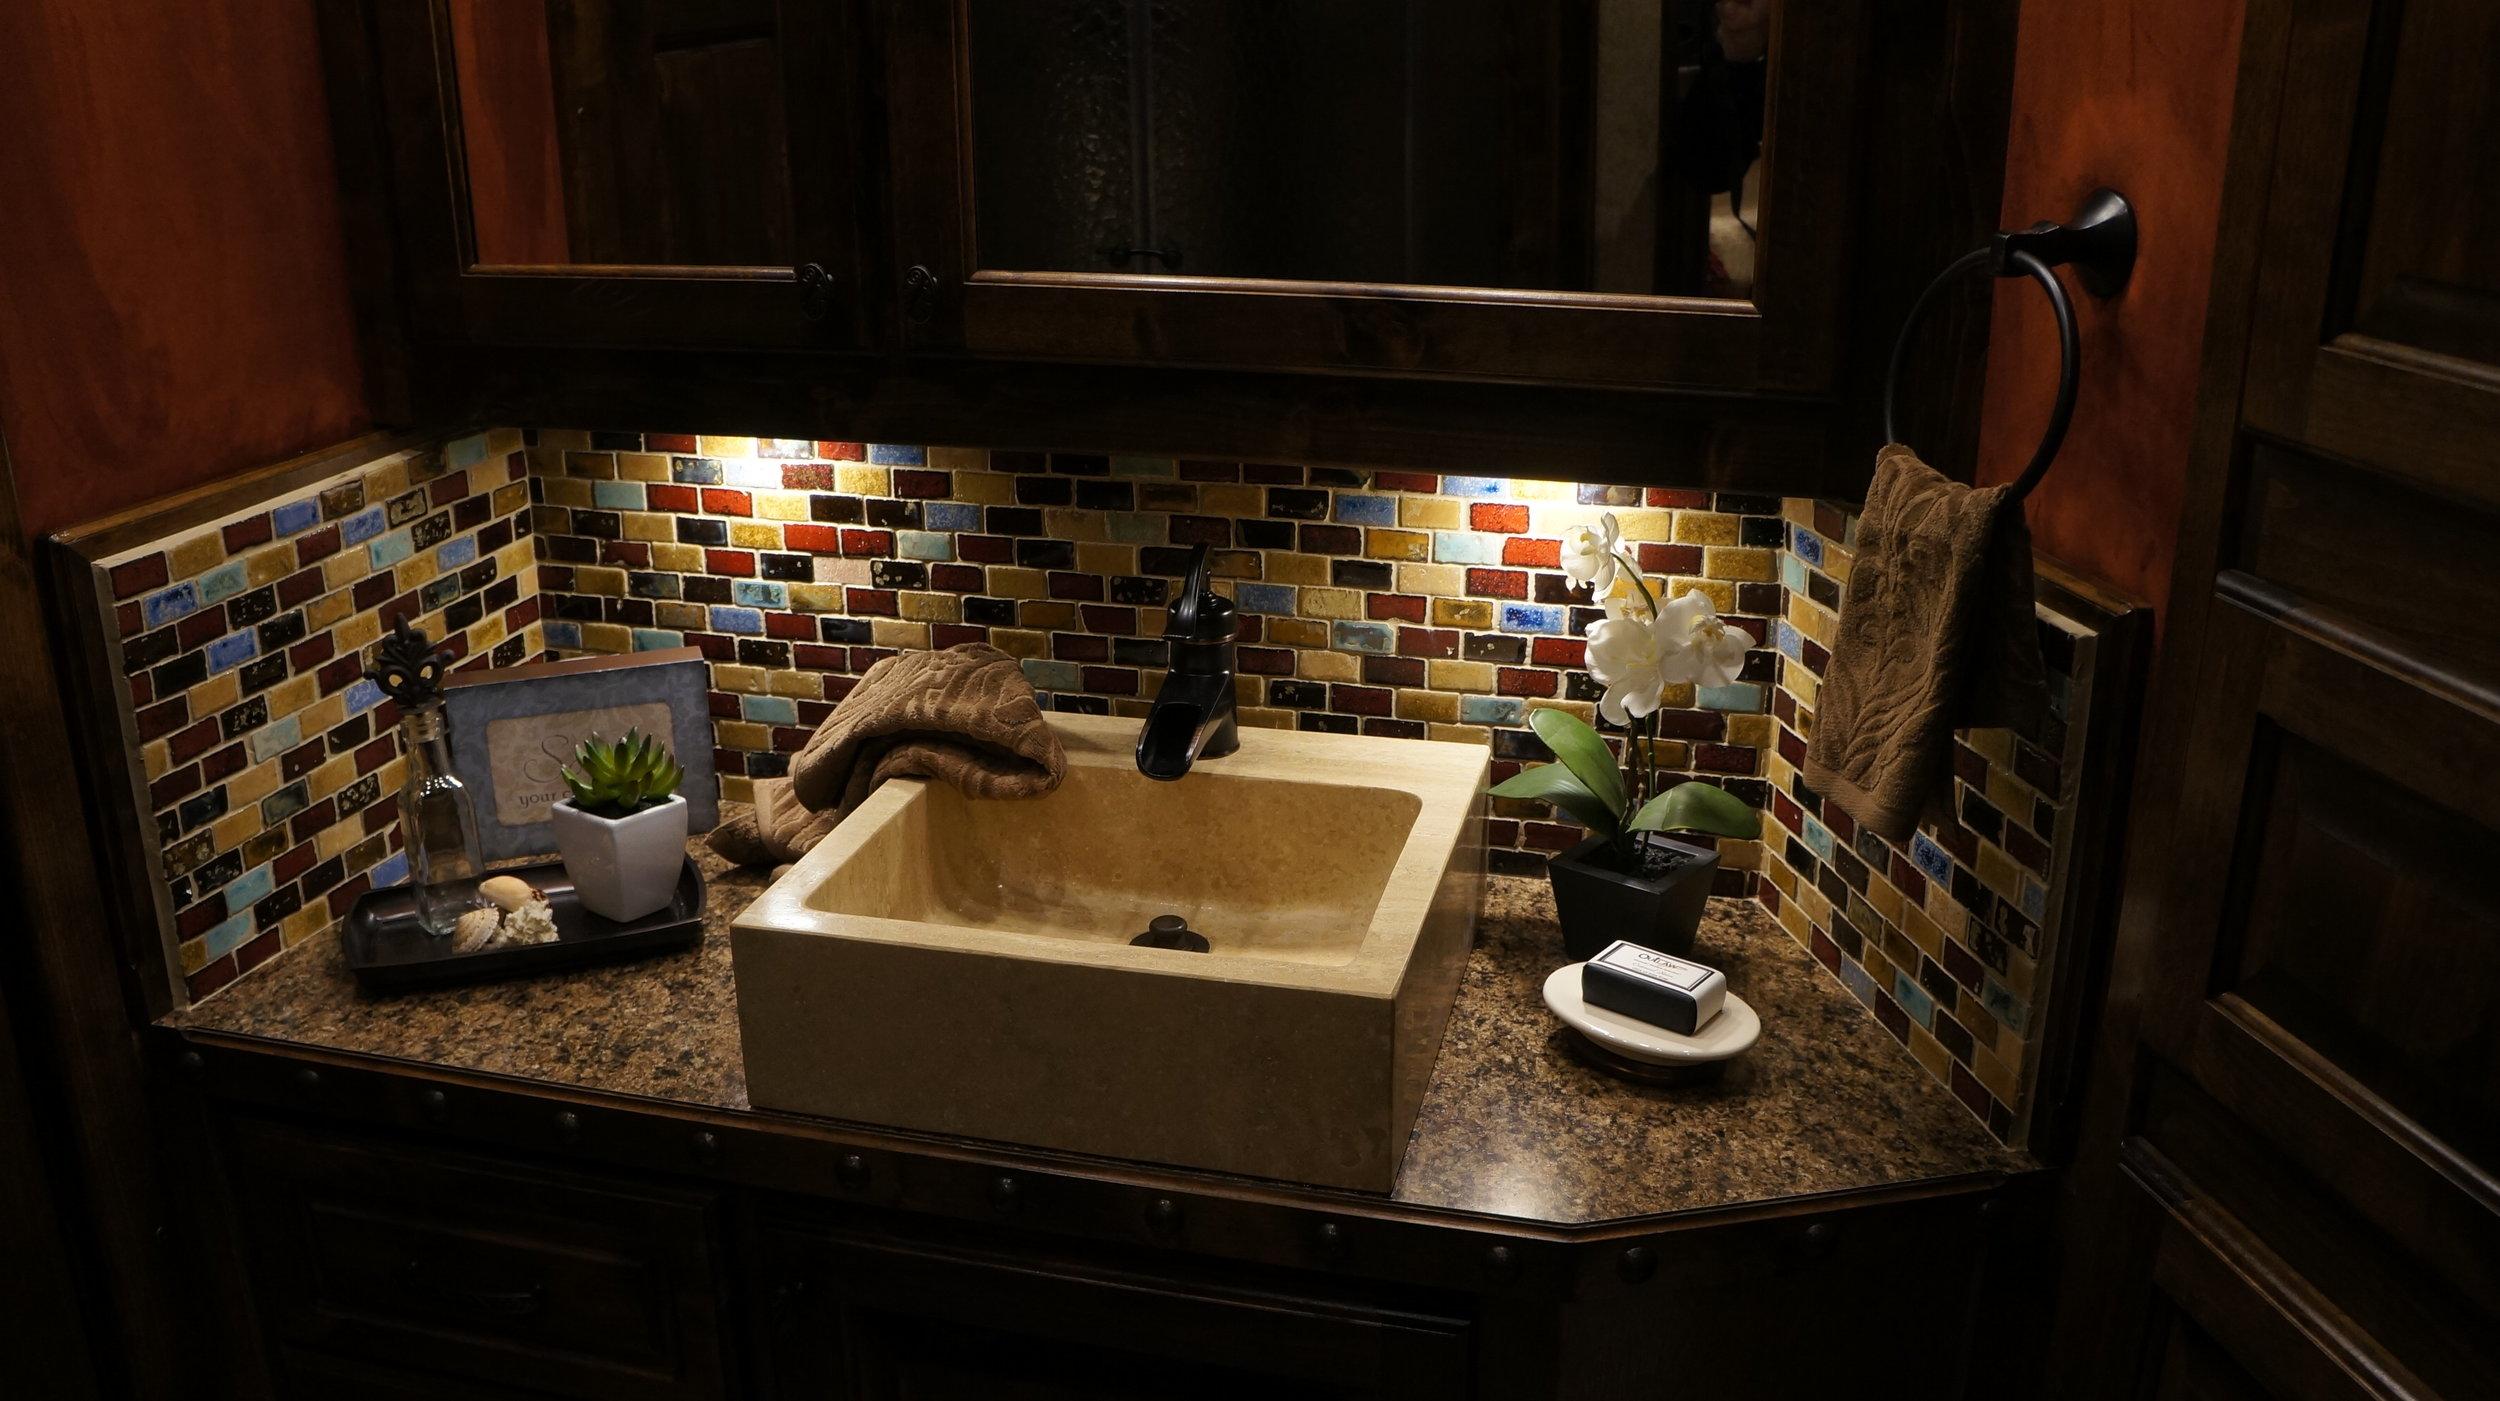 Vanity Tile Backsplash to OHC.JPG